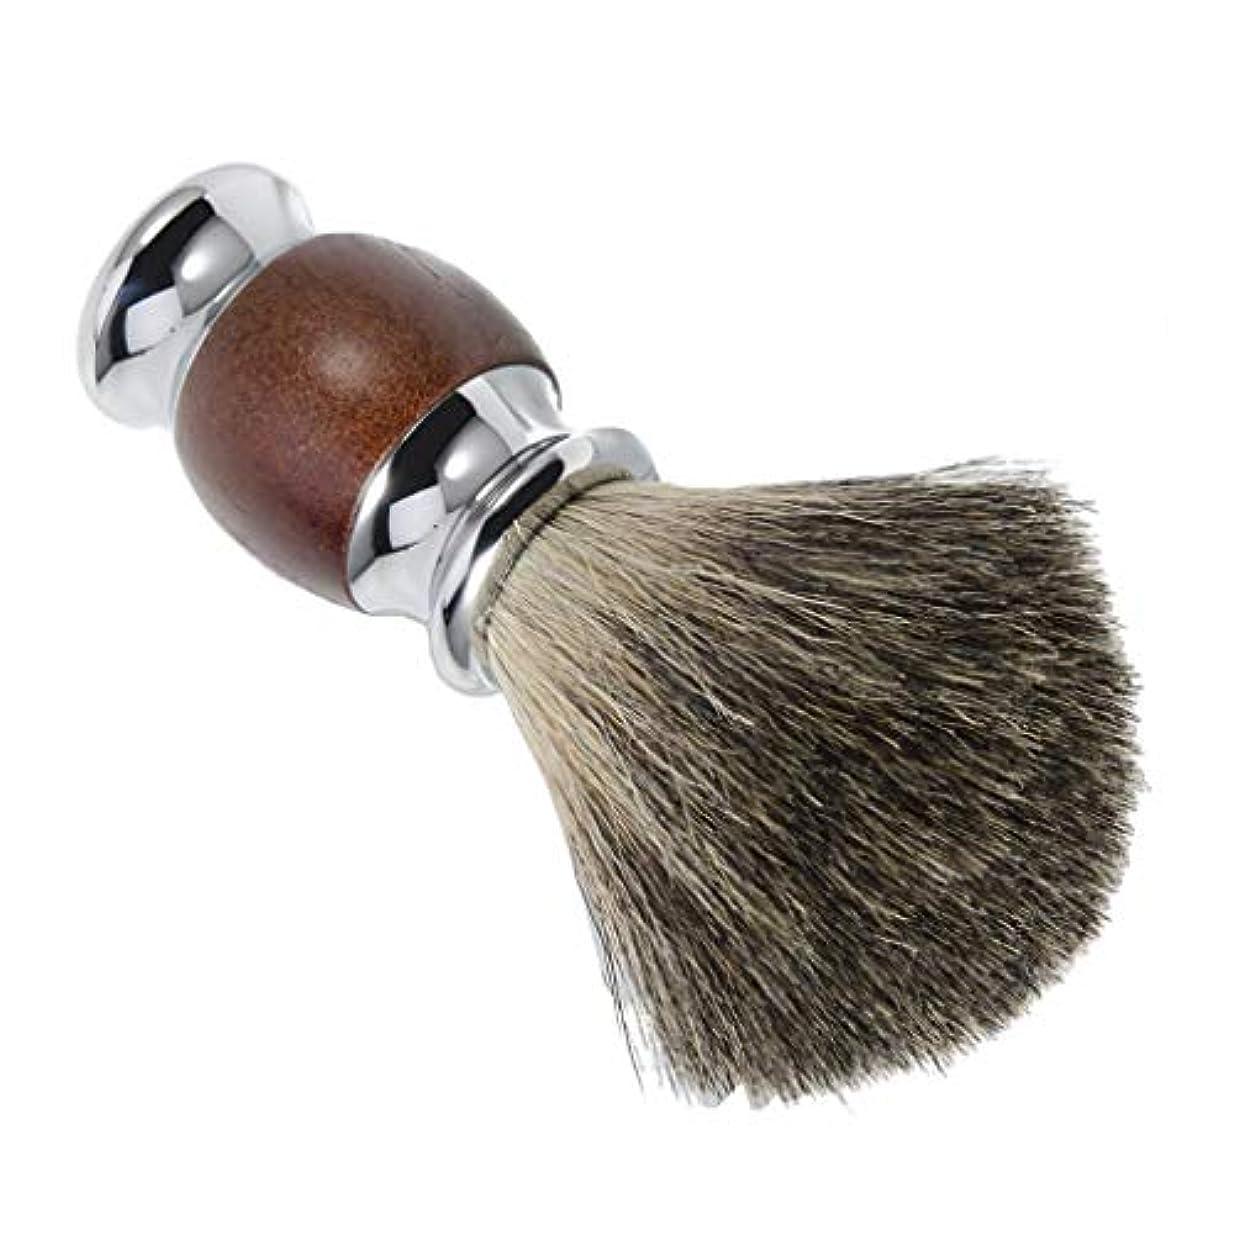 ルーキー特権組立P Prettyia シェービング用ブラシ 木製ハンドル メンズ 理容 洗顔 髭剃り 泡立ち 贈り物